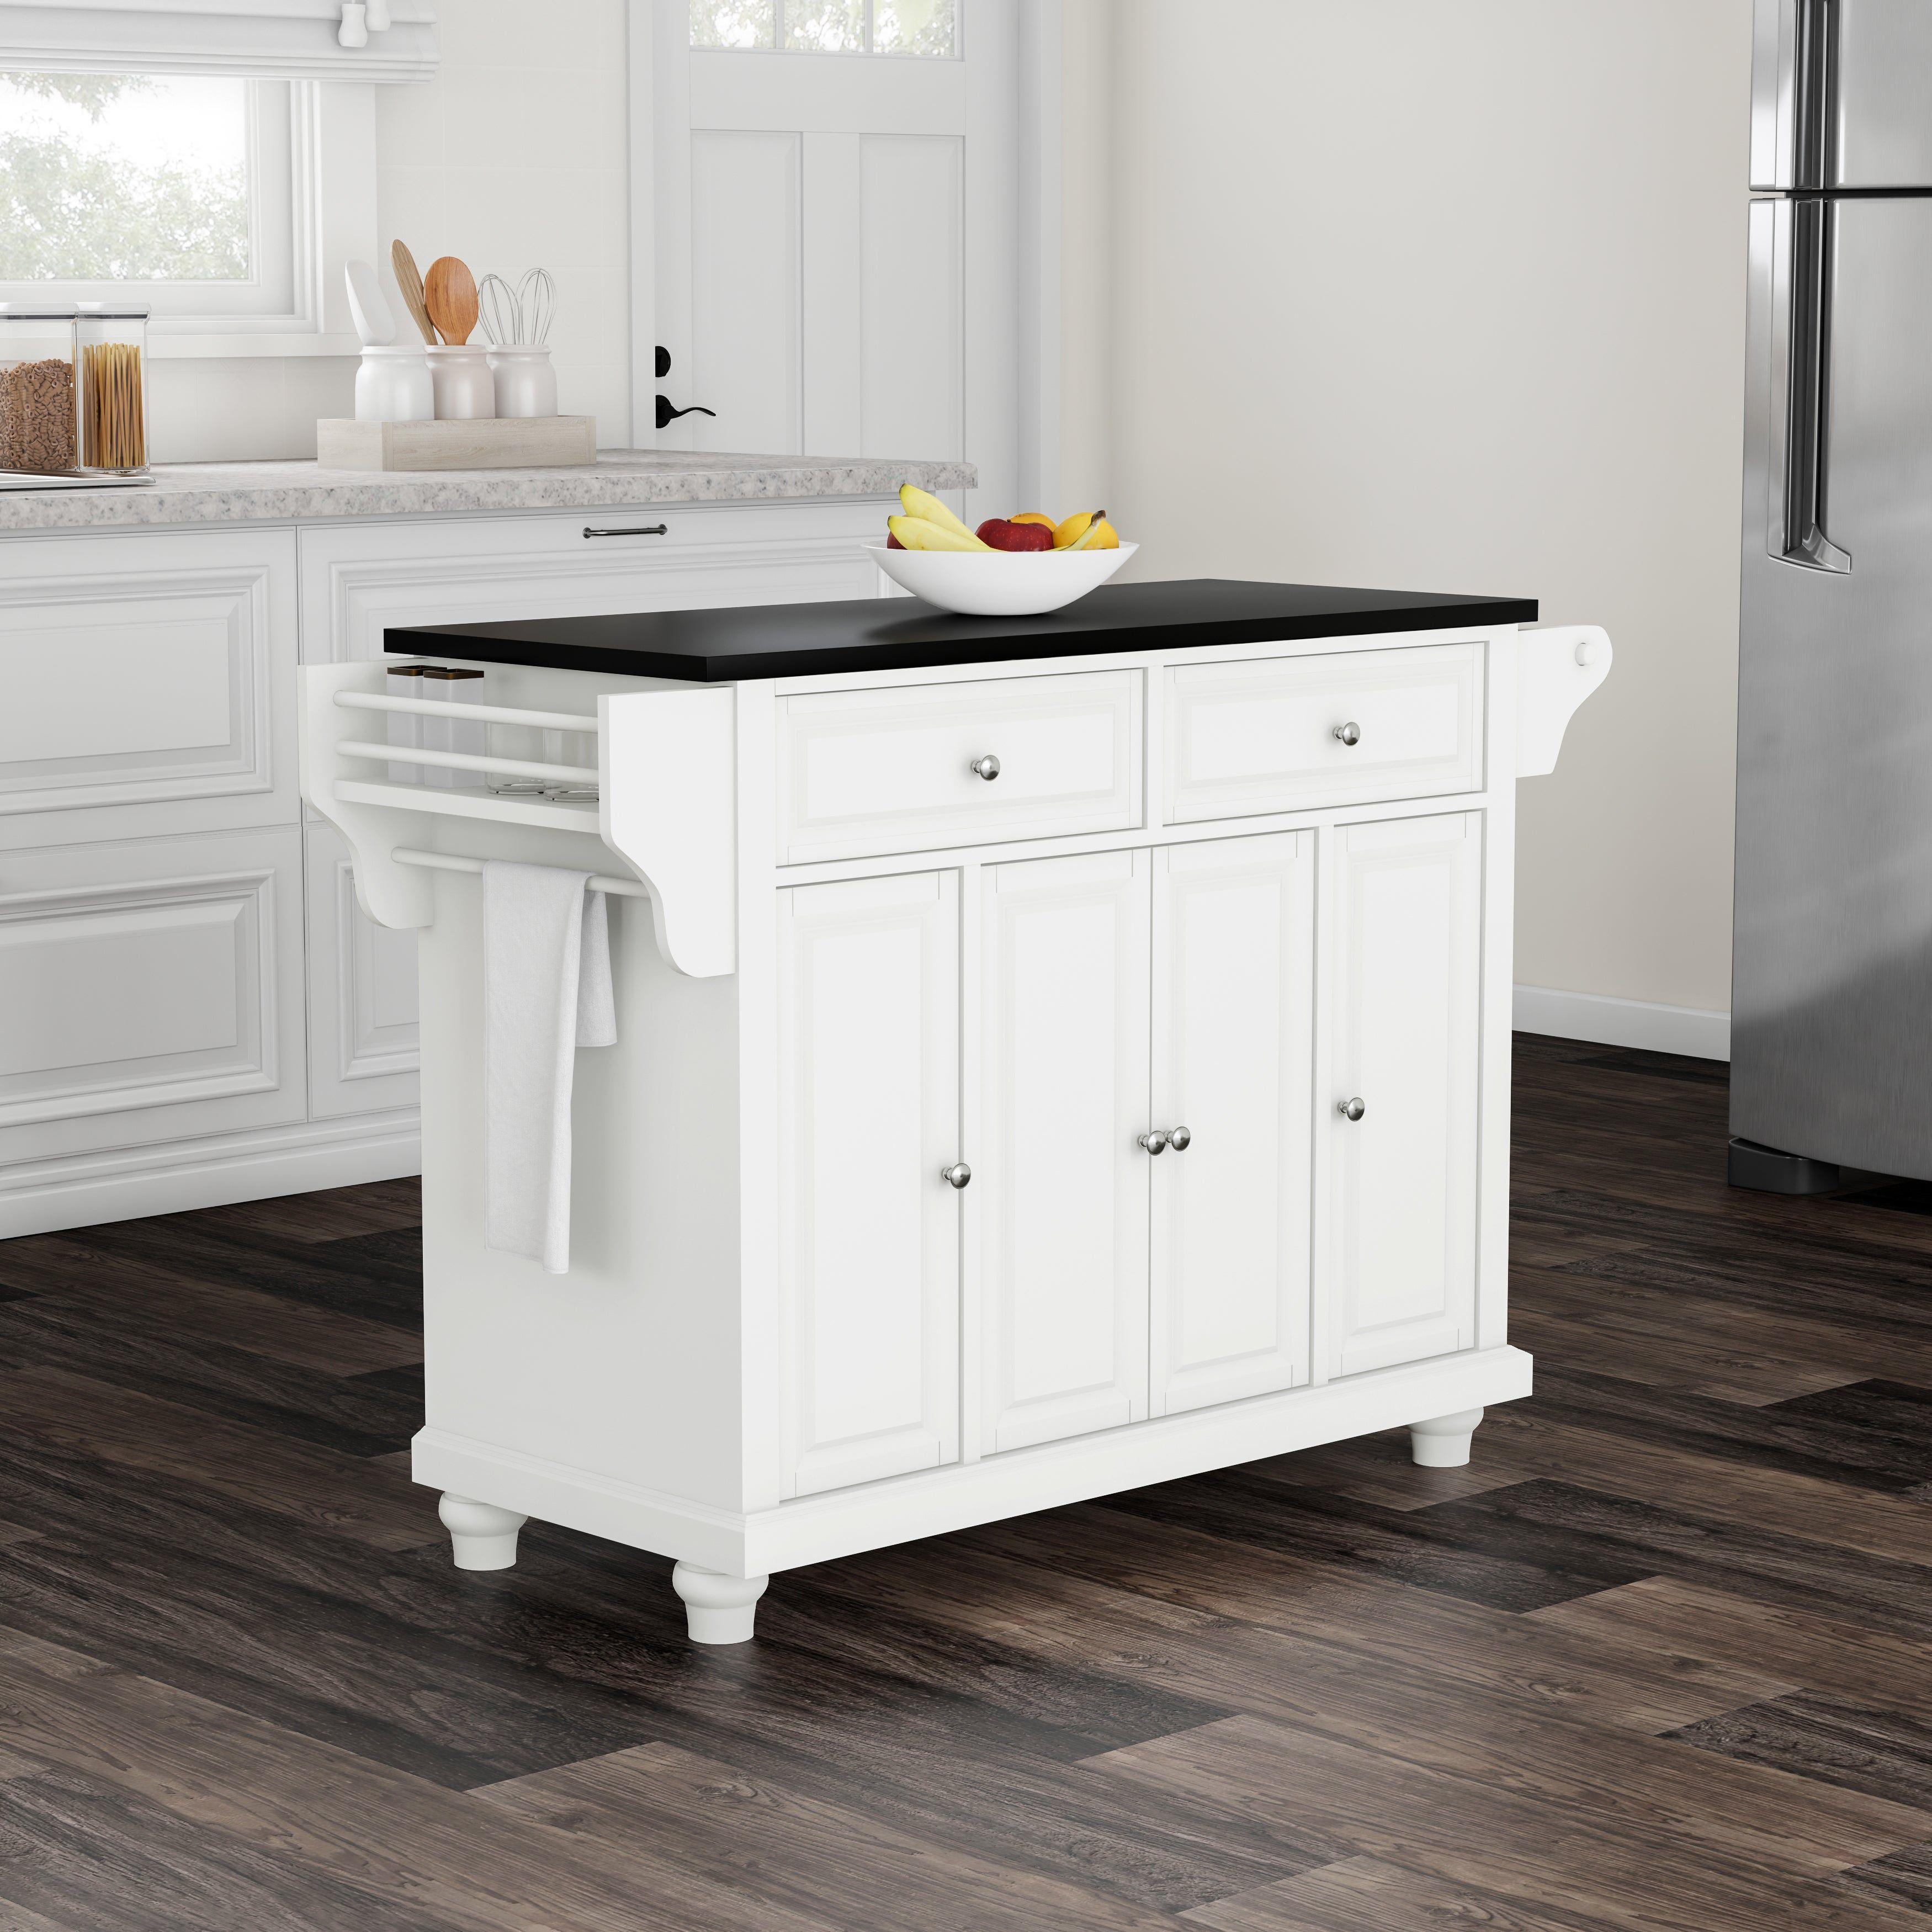 22 Luxury Kitchen Island Granite Top In Kitchen Ideas, The